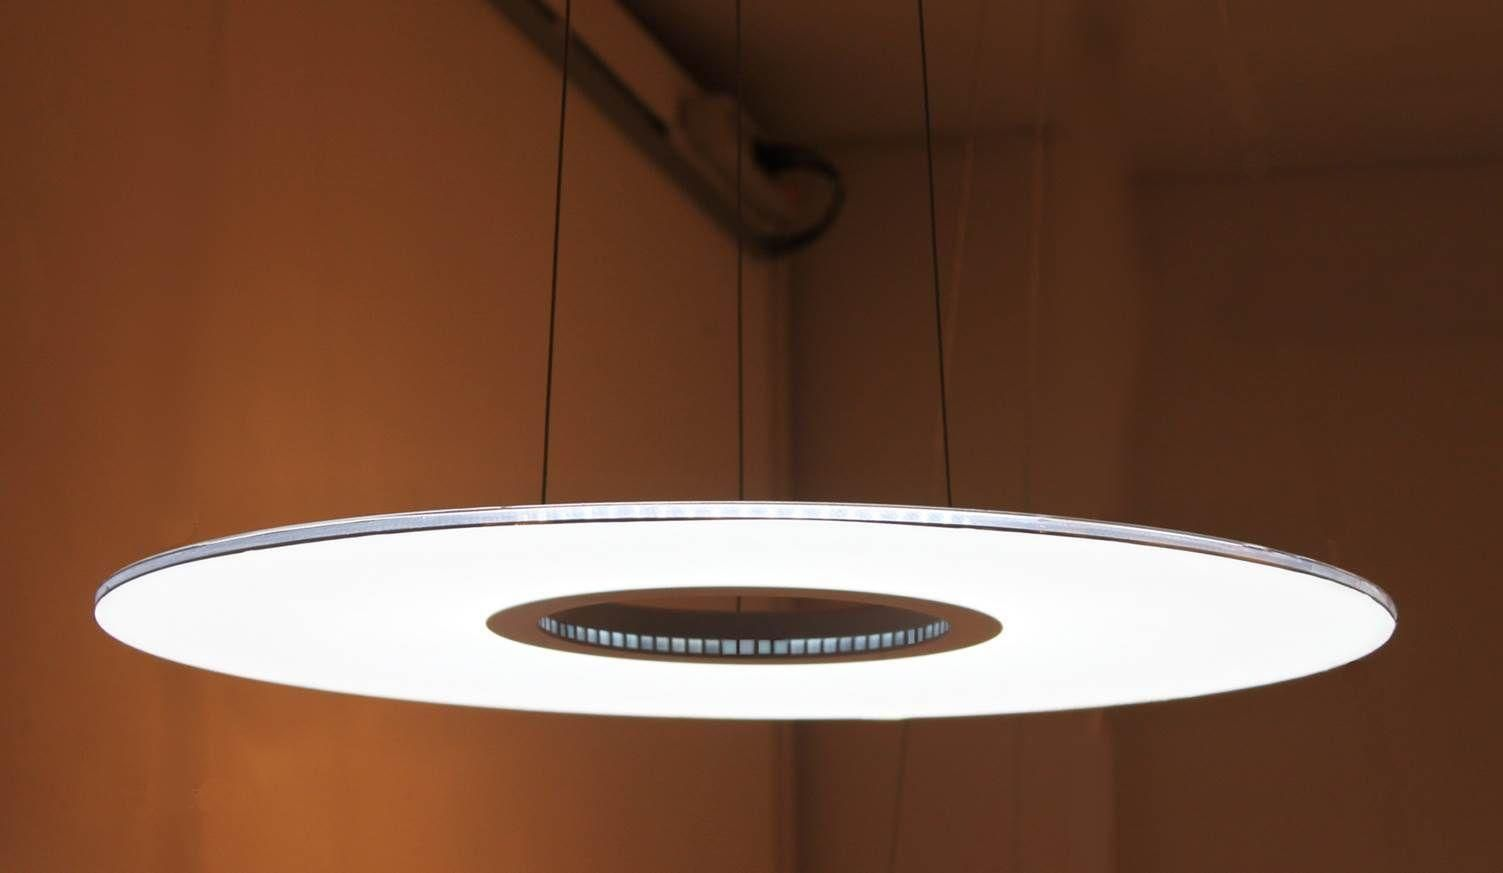 designer edge lighting. 185 Dollar Donut 20W LED Edge Lit Pendant Lamp Ceiling Light Fixture Designer Lighting C